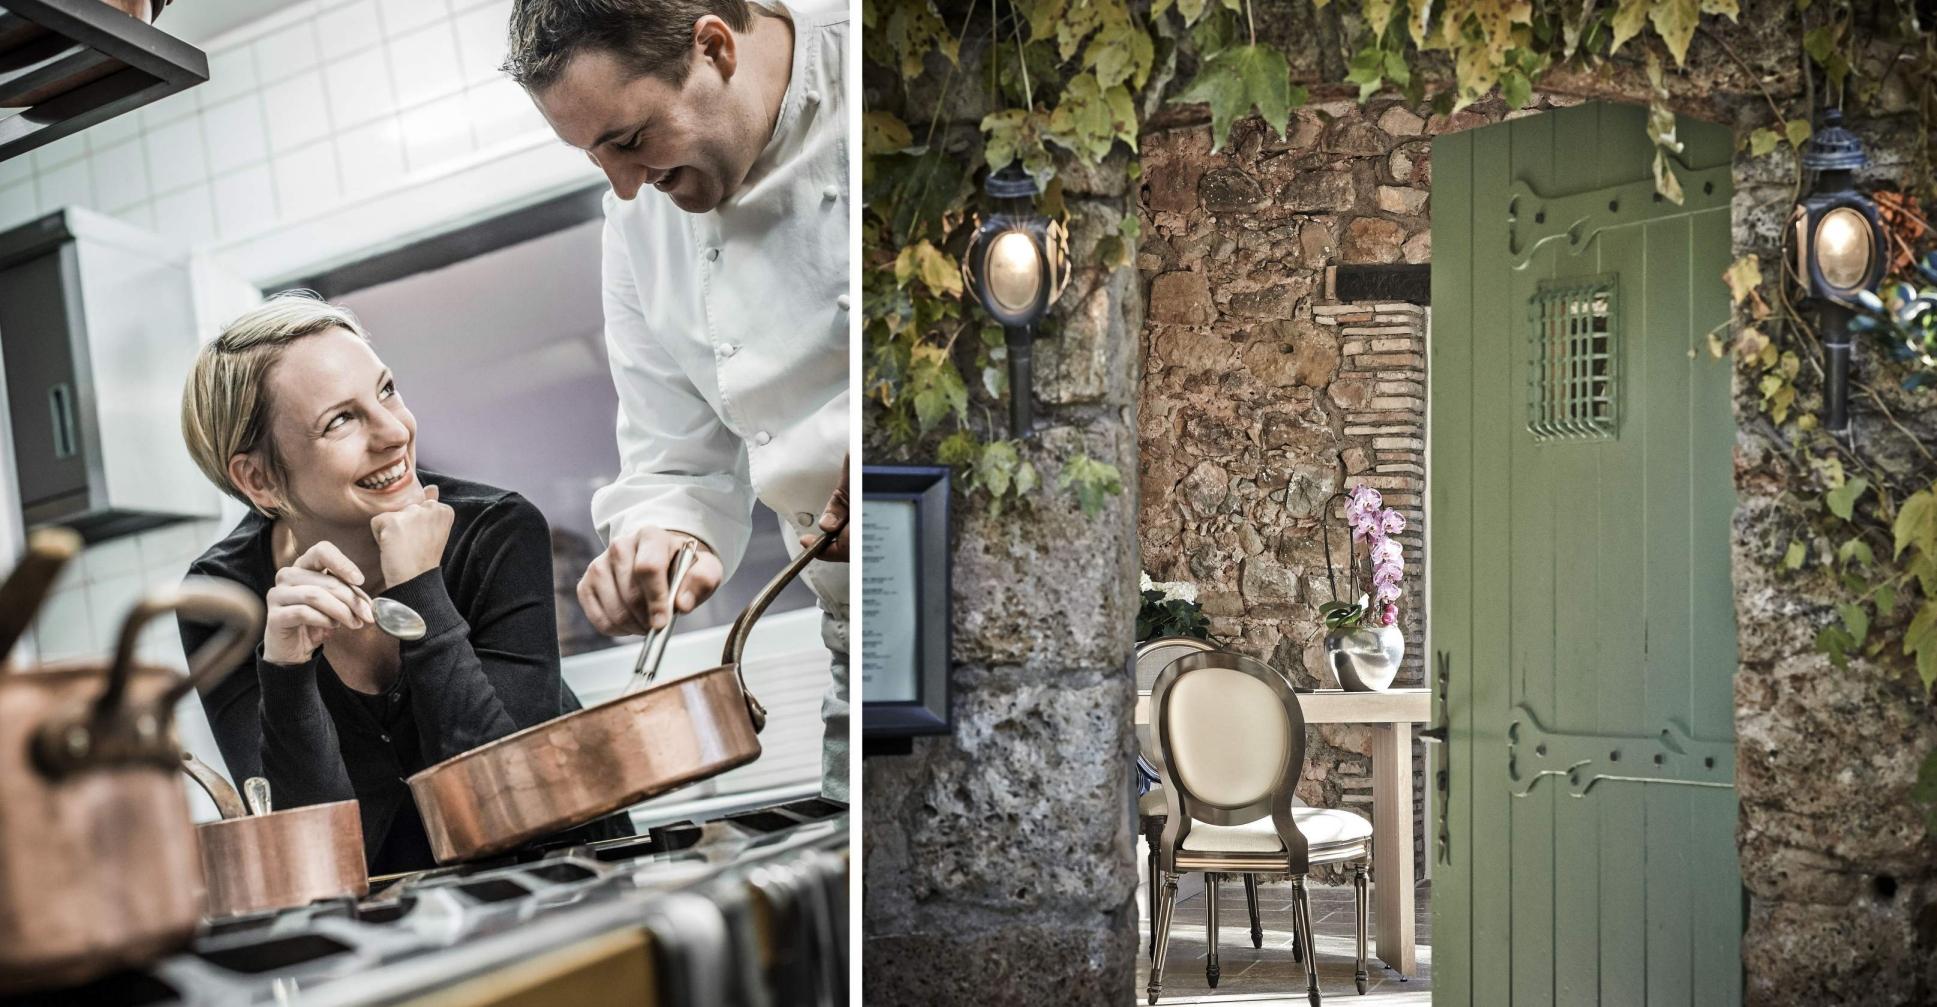 Le Relais des Moines Sebastien Sanjou étoilé Michelin Les Arcs sur Argens Var Provence - Provence - Restaurant - Provence var